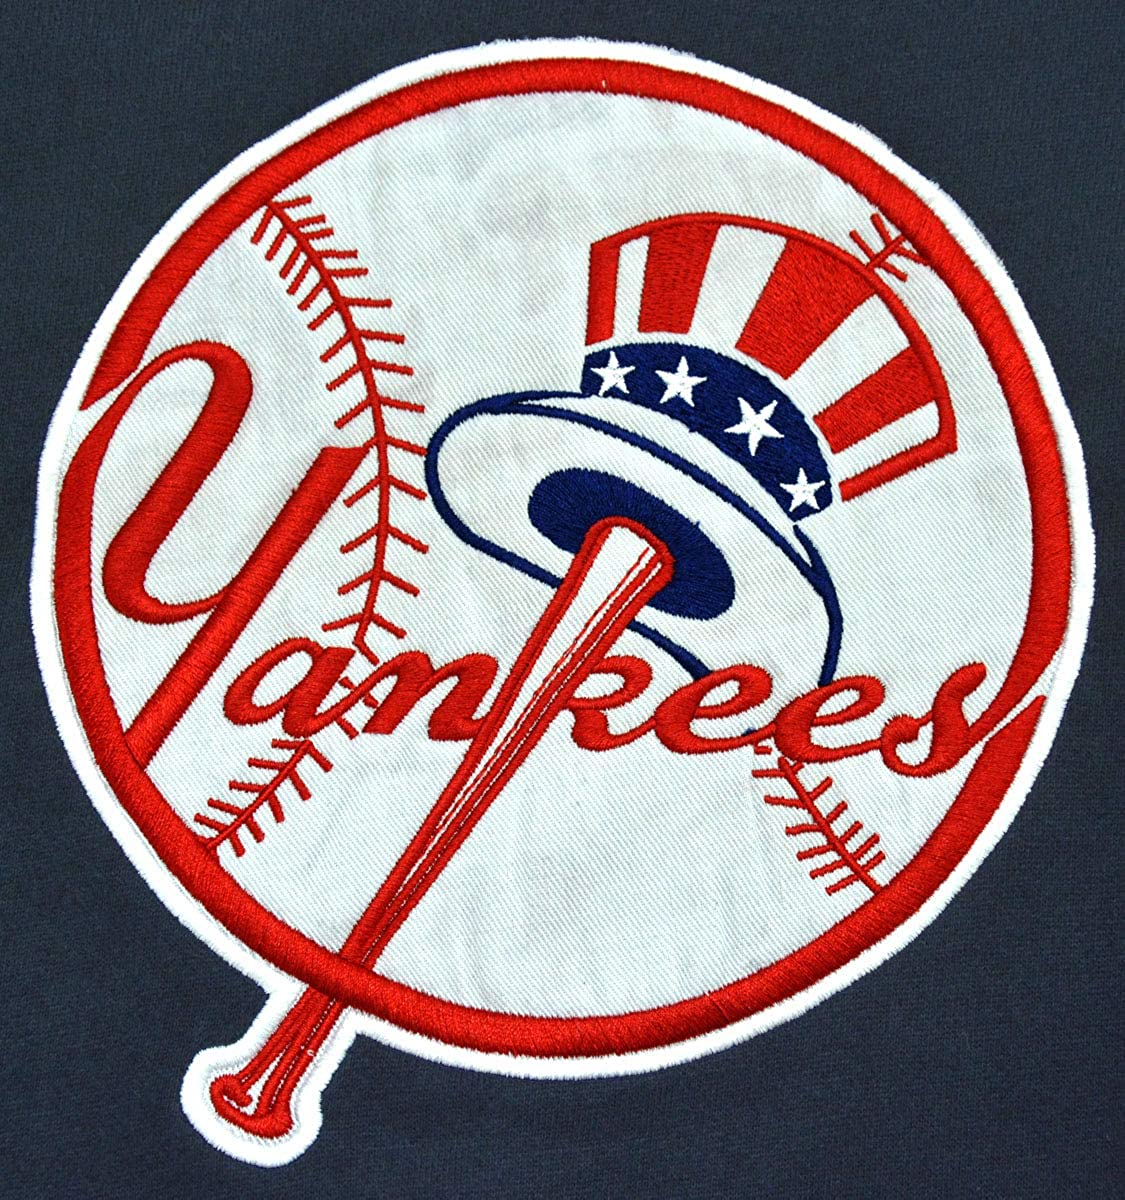 AFSJEEP Mens Yankees Embroidery Heavy Soft Sweatshirt Hoodie